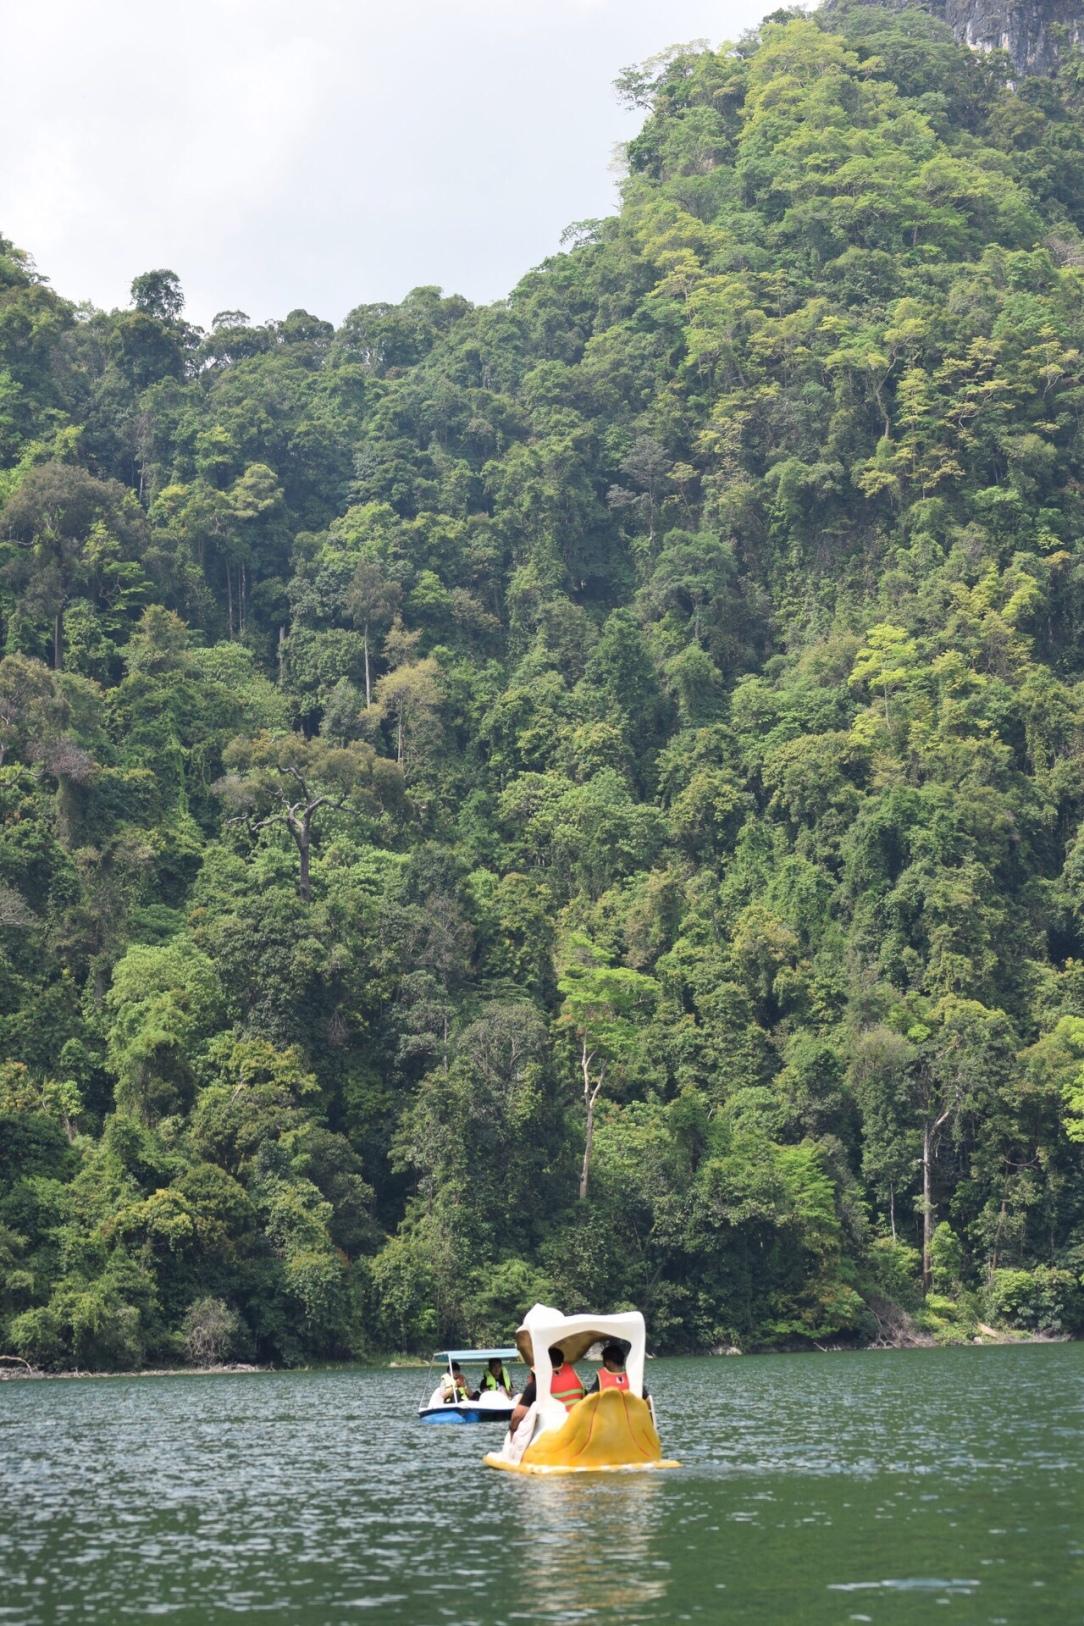 Langkawi island hopping, Pregnant Maiden Island Lake, Things to do in Langkawi